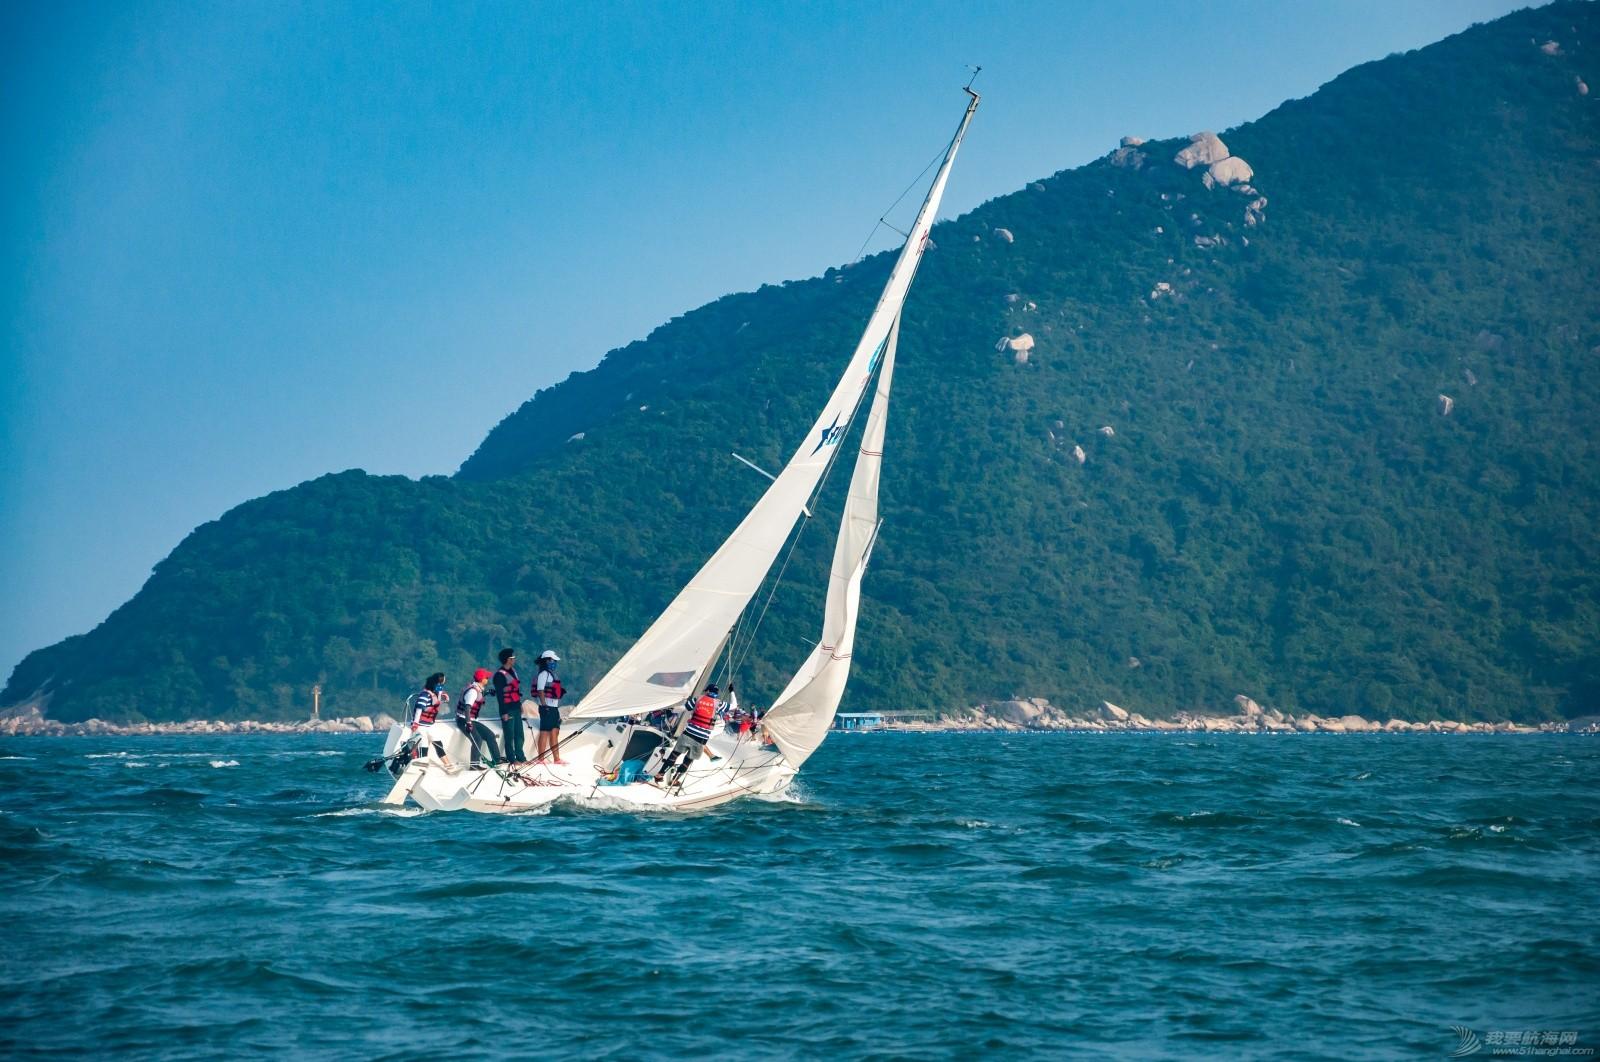 【2015大鹏杯帆船赛】51航海网船队在比赛中 s018.jpg